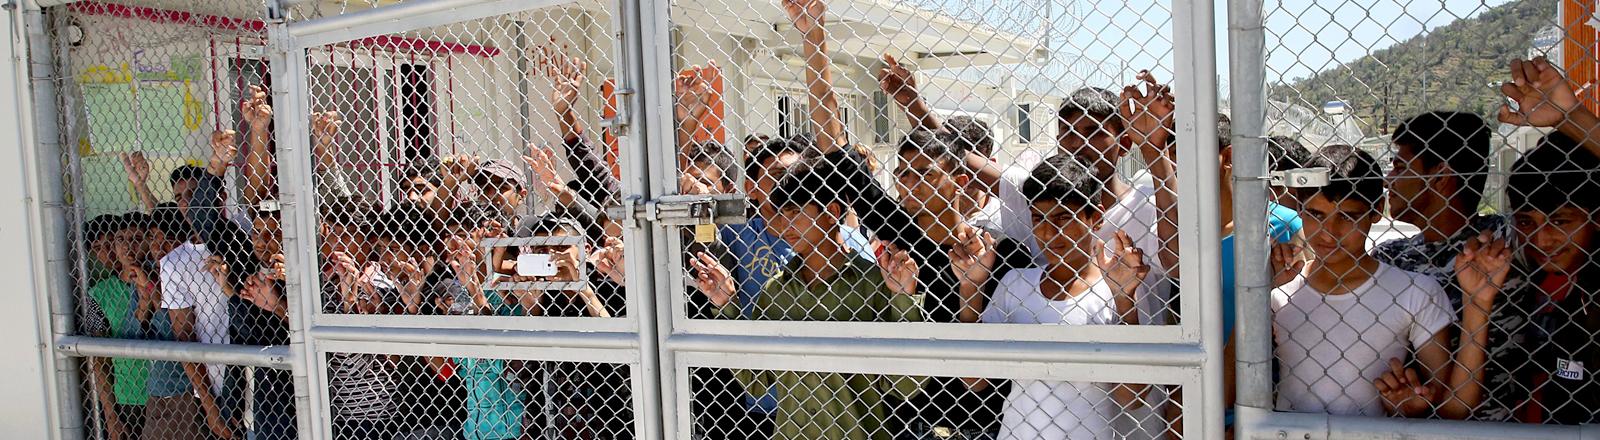 Menschen hinter einem Zaun.